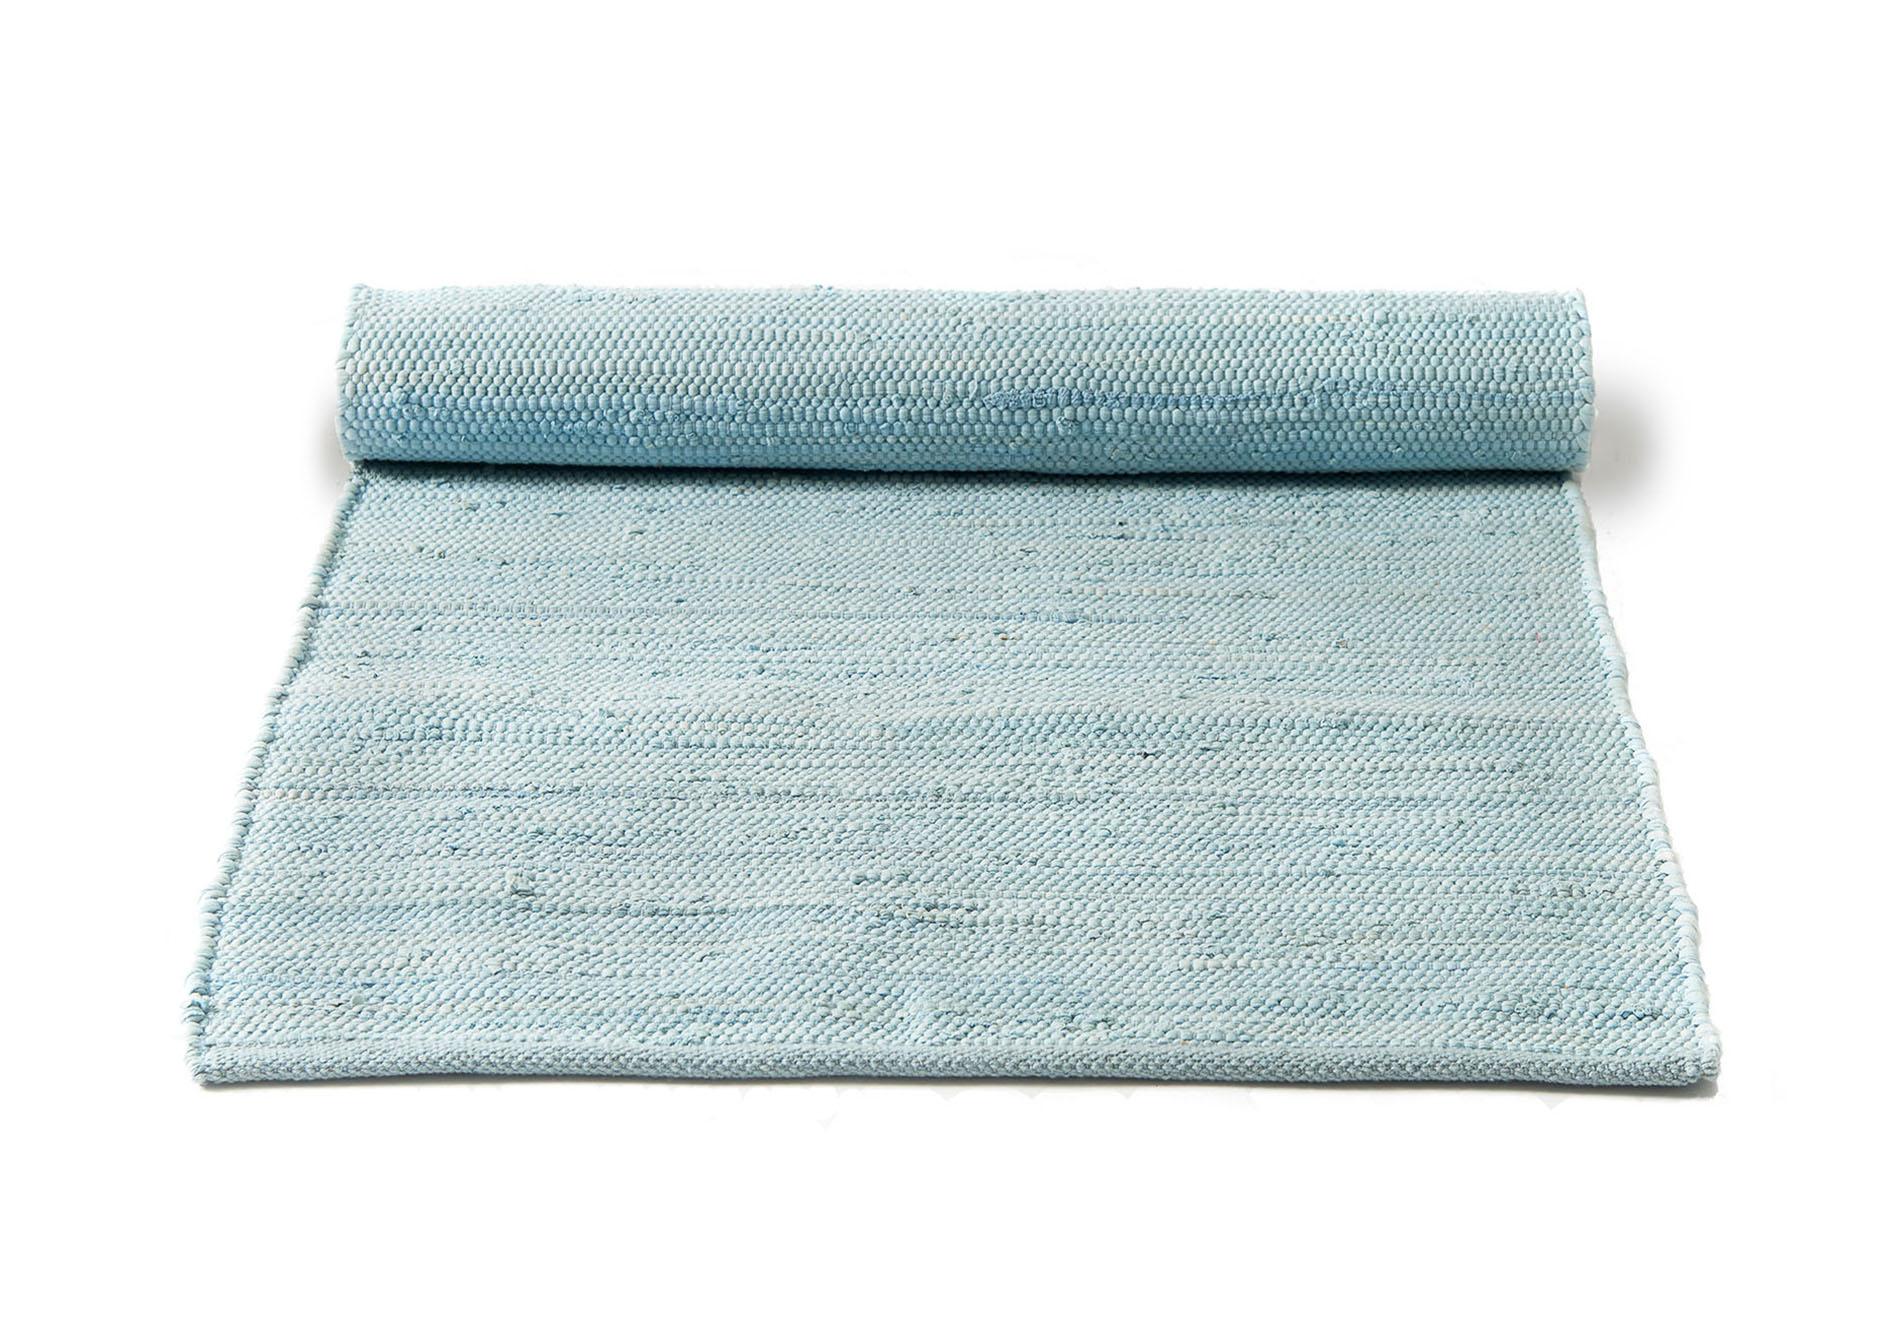 błękitny dywan bawełniany z recyklingu - Daydream Blue 0037